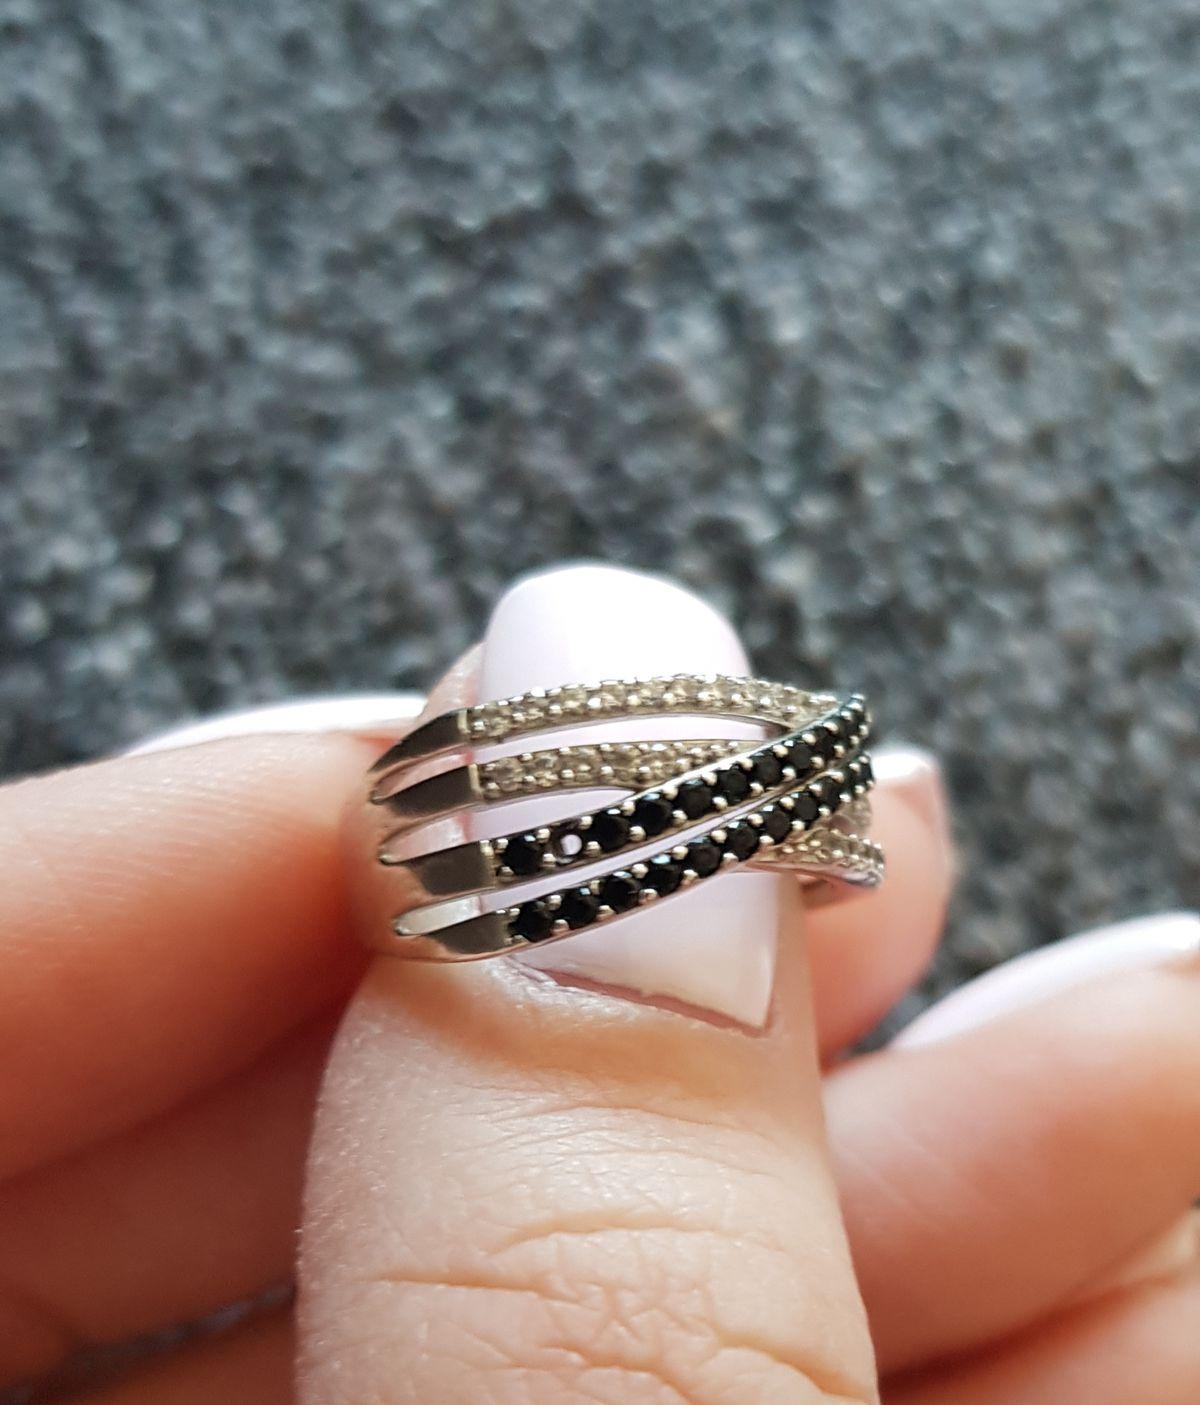 Красивое, но не очень качественное кольцо